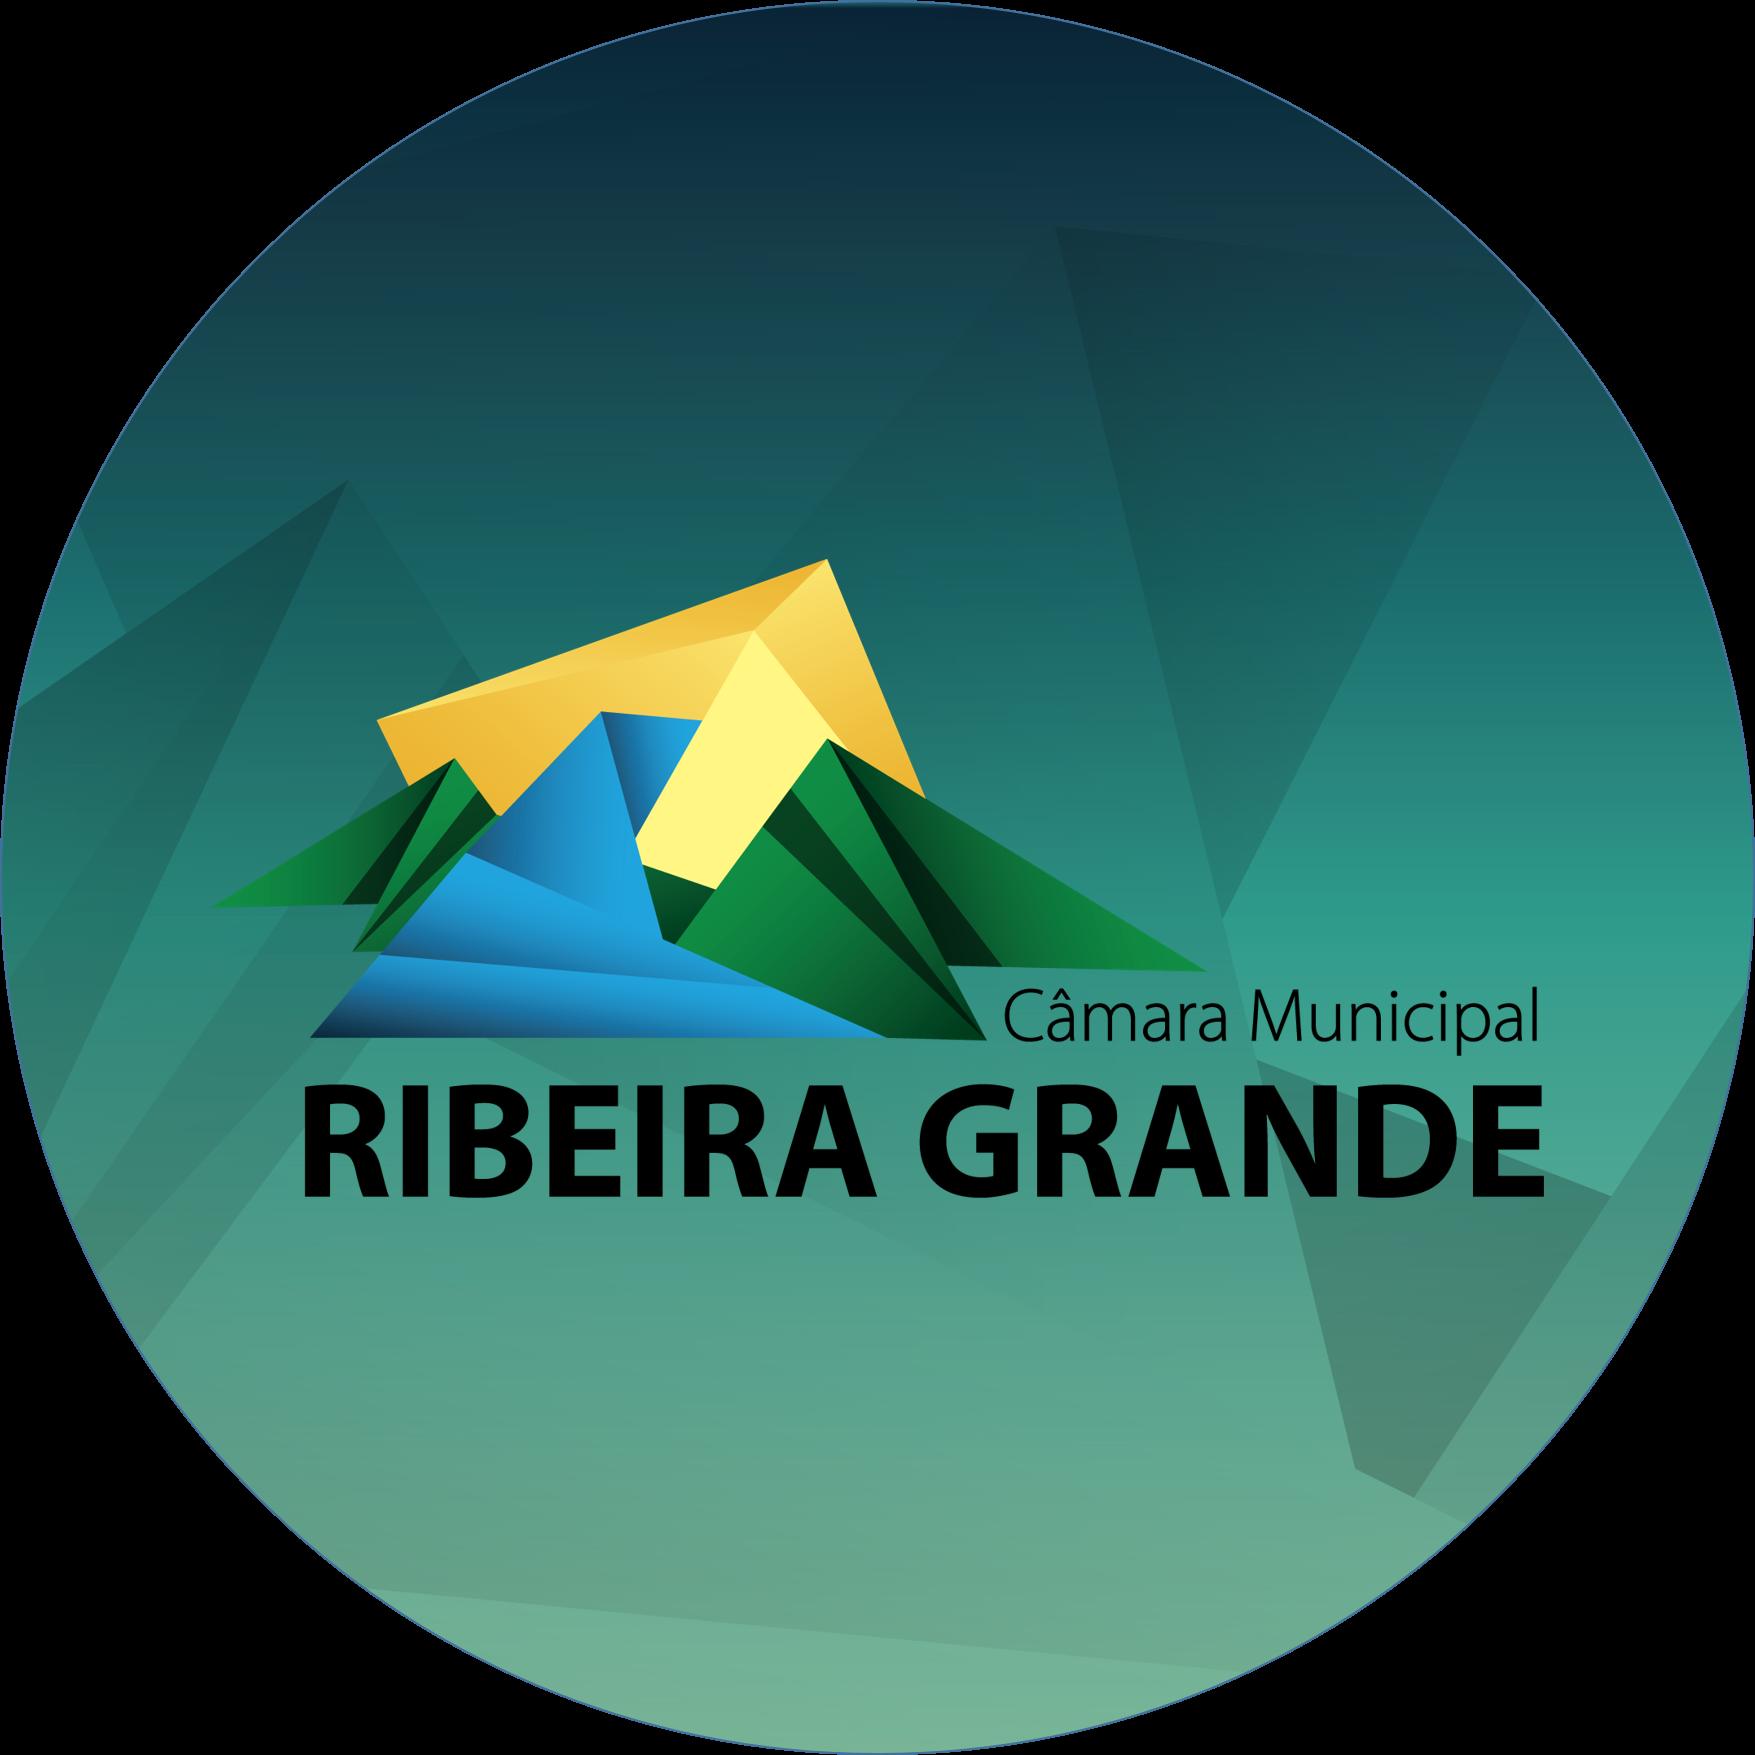 Câmara Municipal da Ribeira Grande